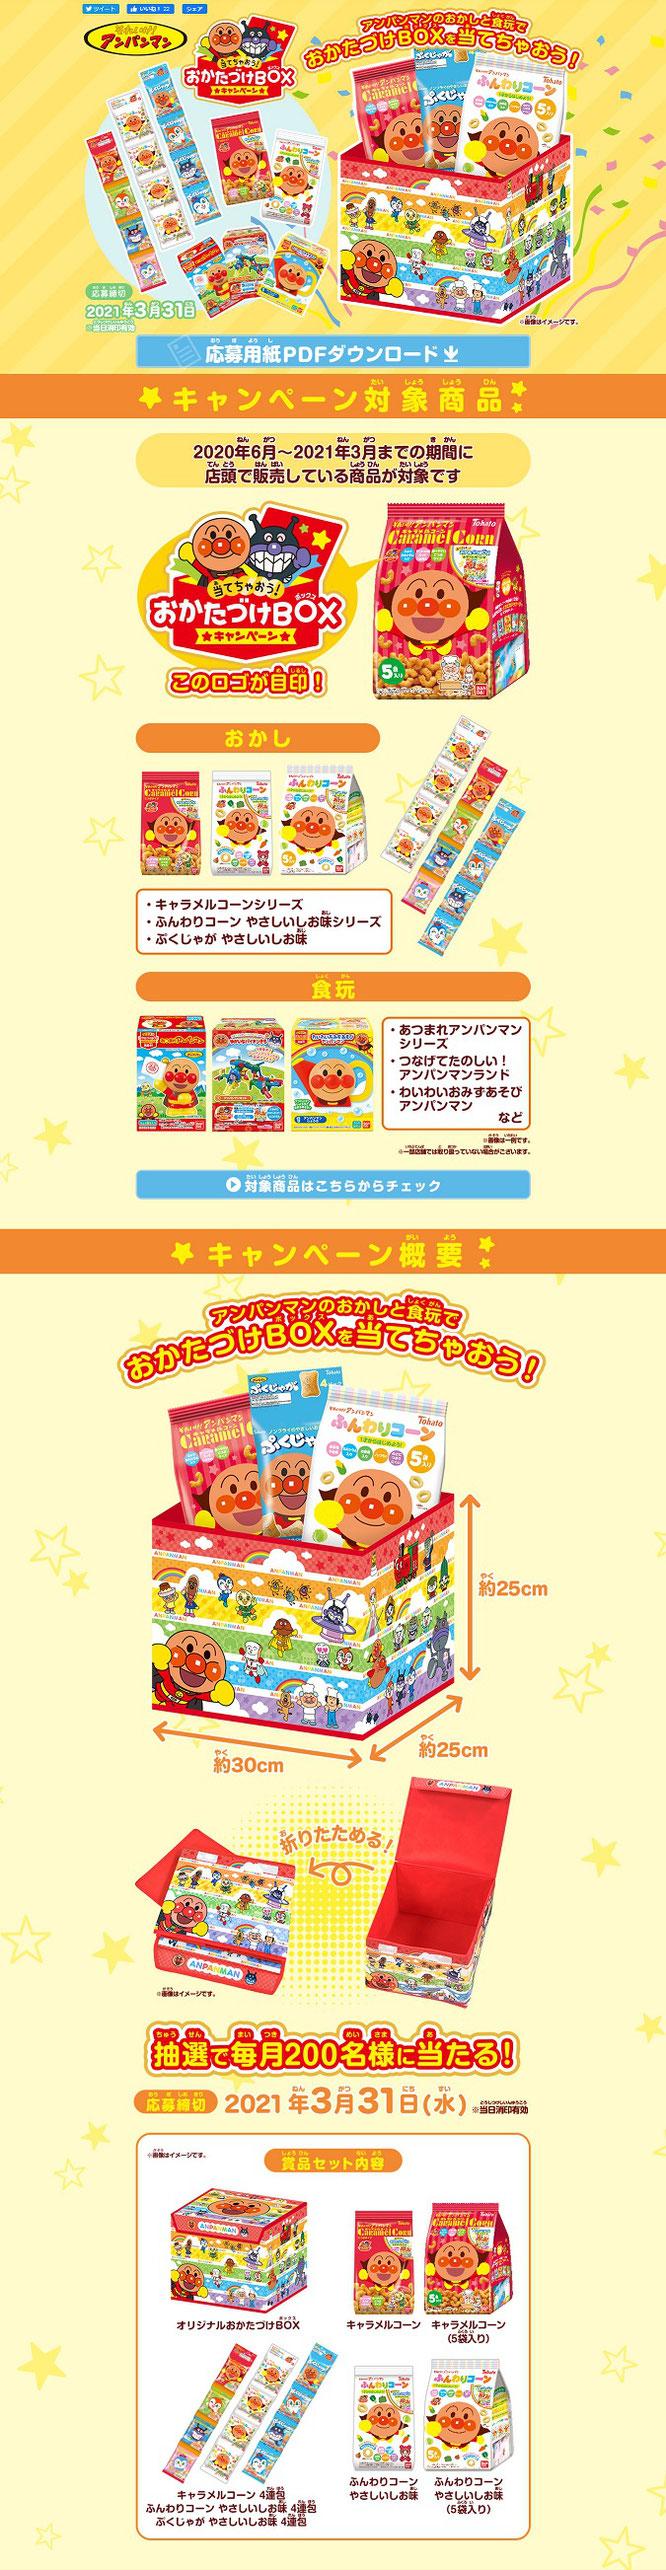 【東ハト】それいけ!アンパンマン おかたづけBOXプレゼントキャンペーン